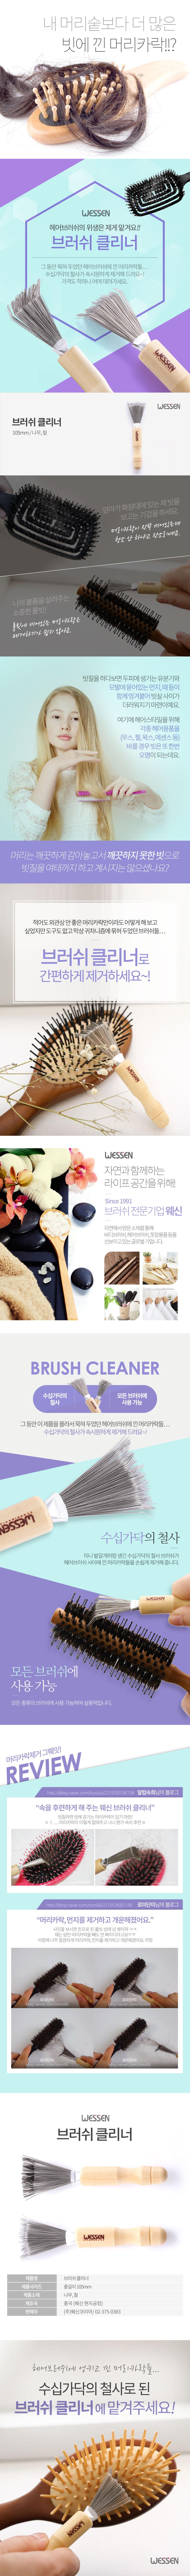 브러쉬 클리너 - 웨신, 5,000원, 헤어케어, 헤어미용소품